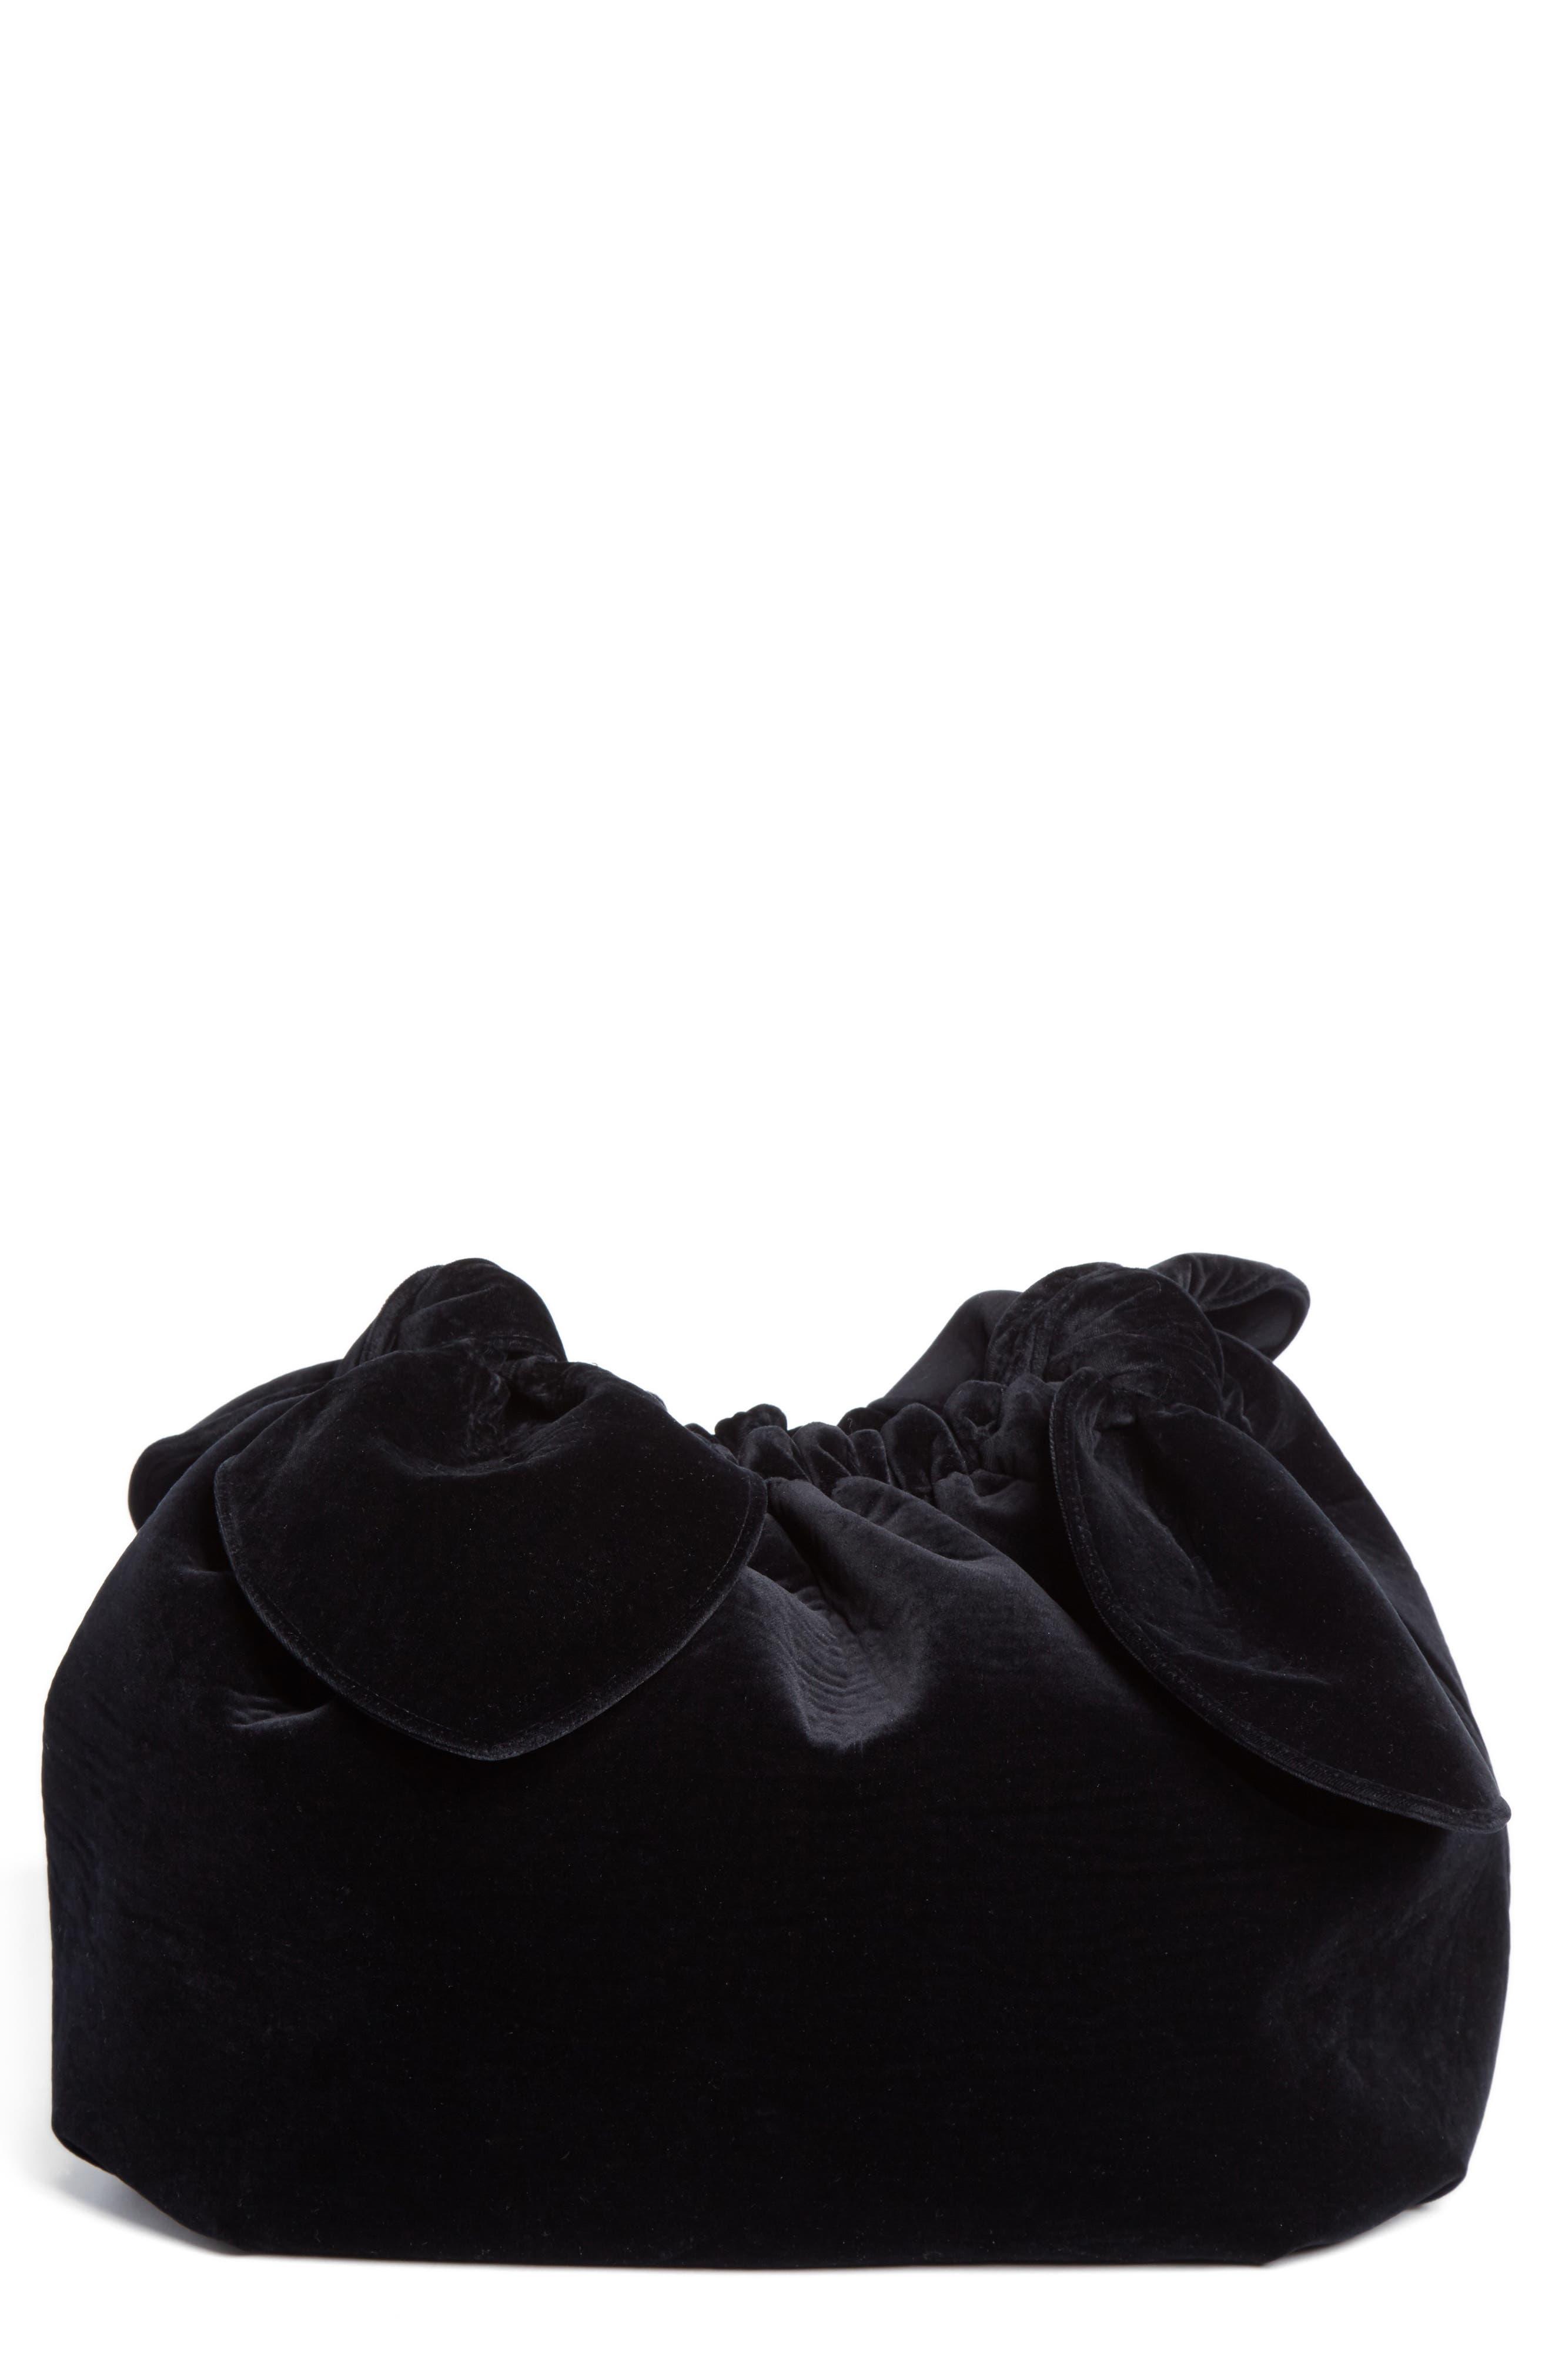 Velvet Double Bow Clutch,                             Main thumbnail 1, color,                             Black